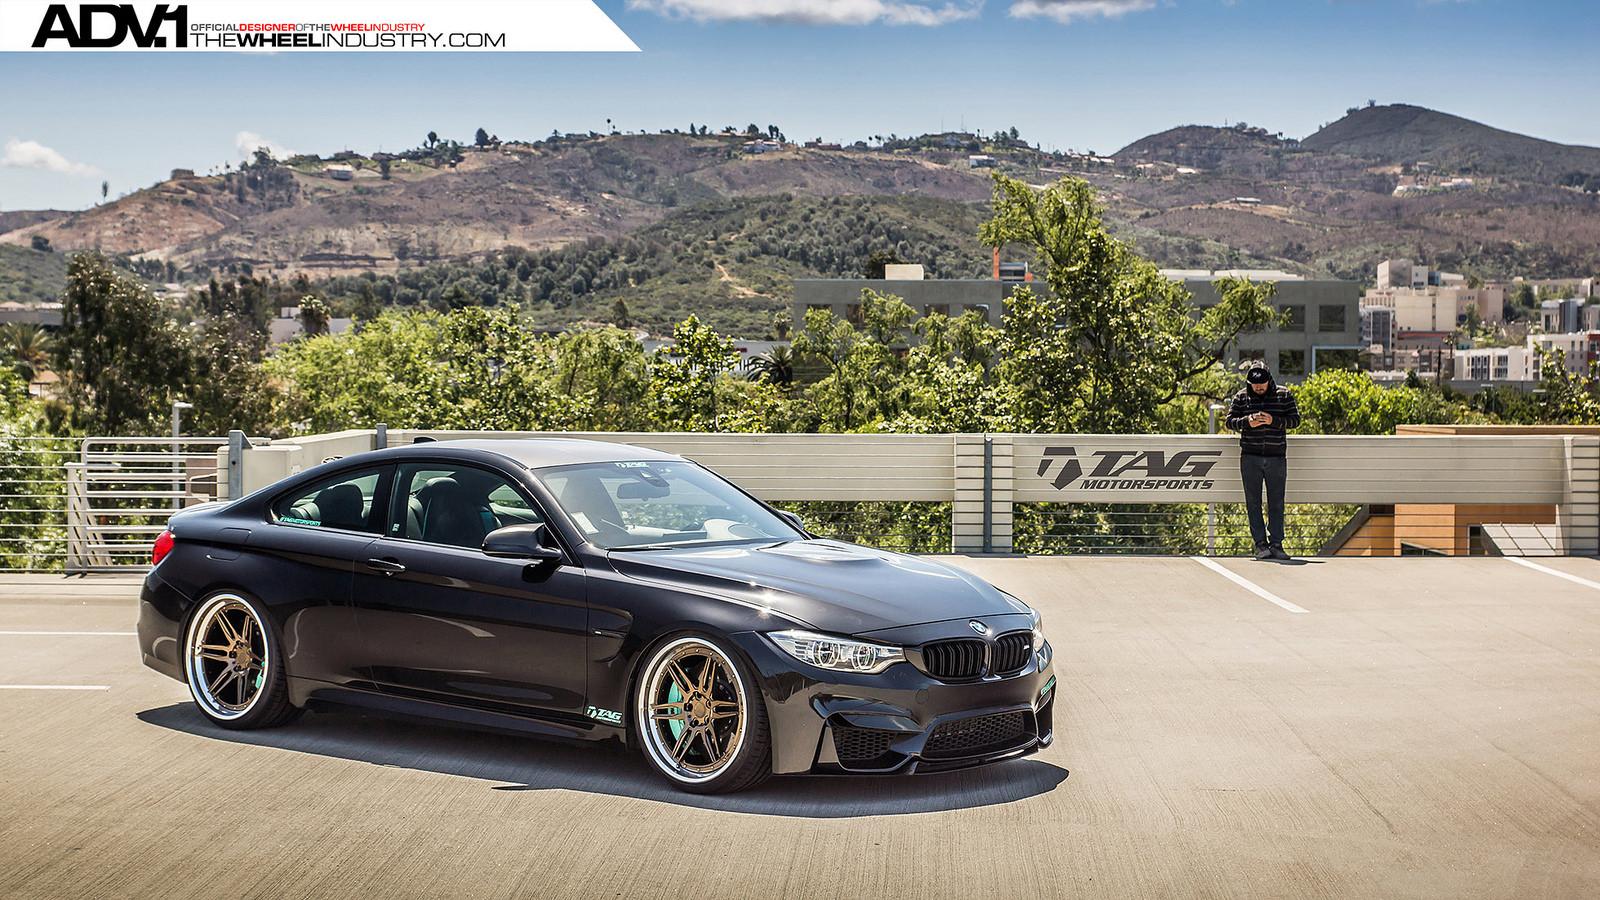 F84 BMW M4 by ADV.1 Wheels